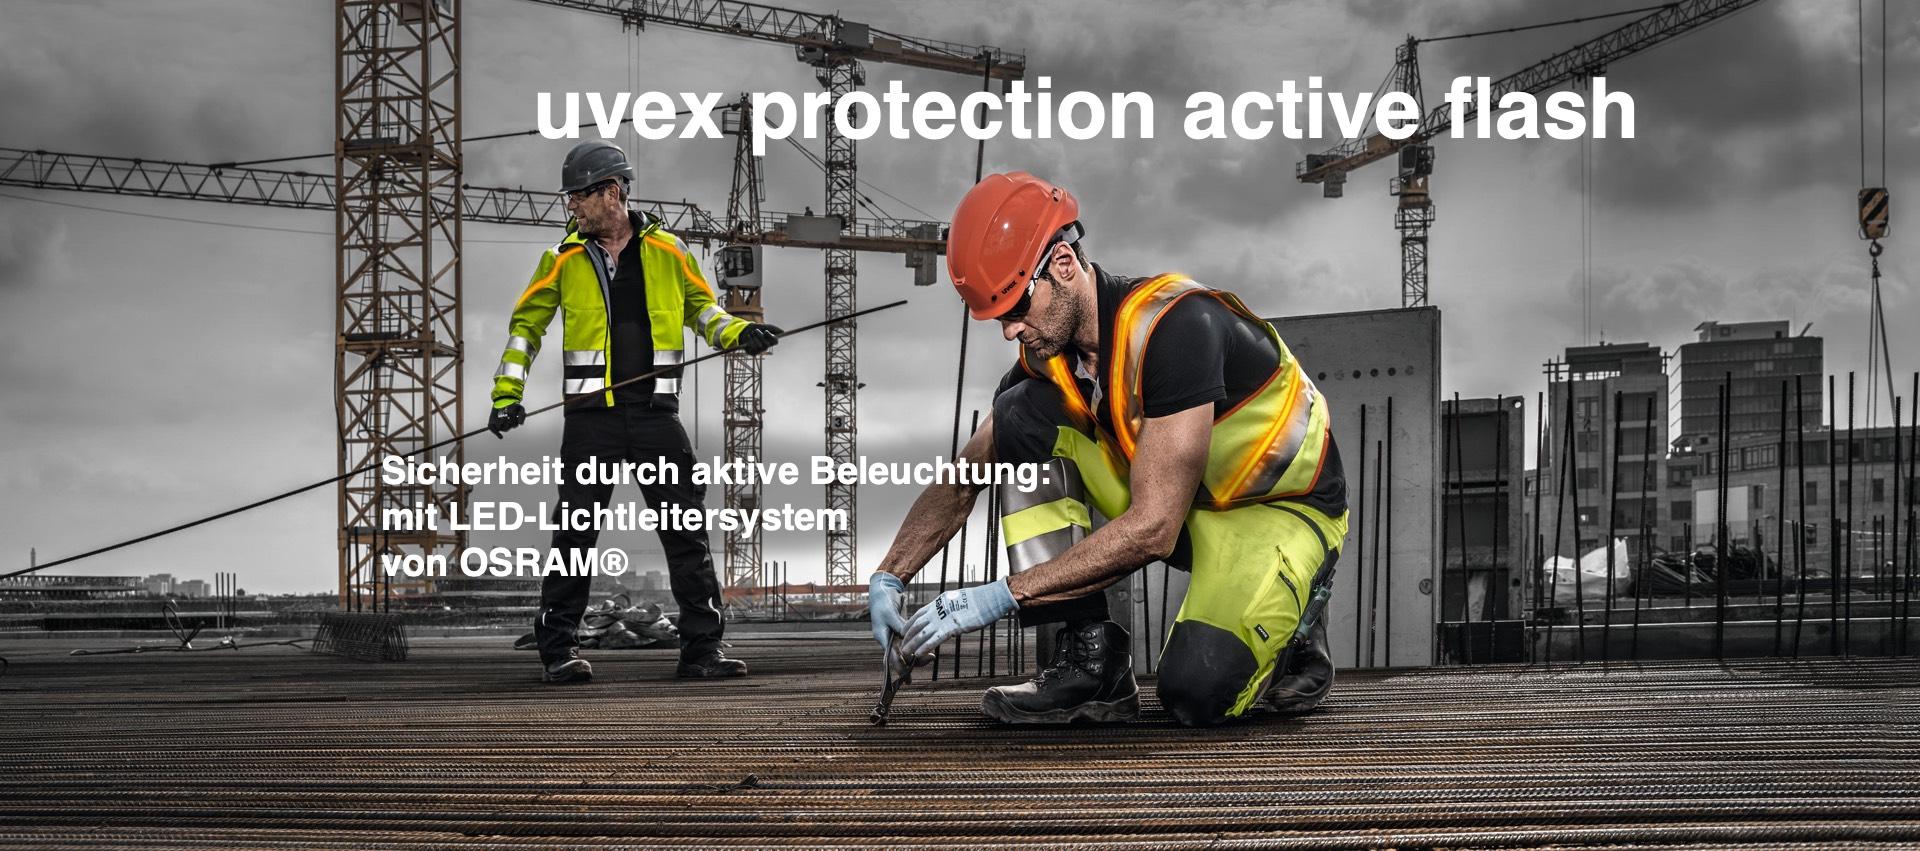 Sicherheit durch Sichtbarkeit – mit einer aktiv leuchtenden Schutzweste